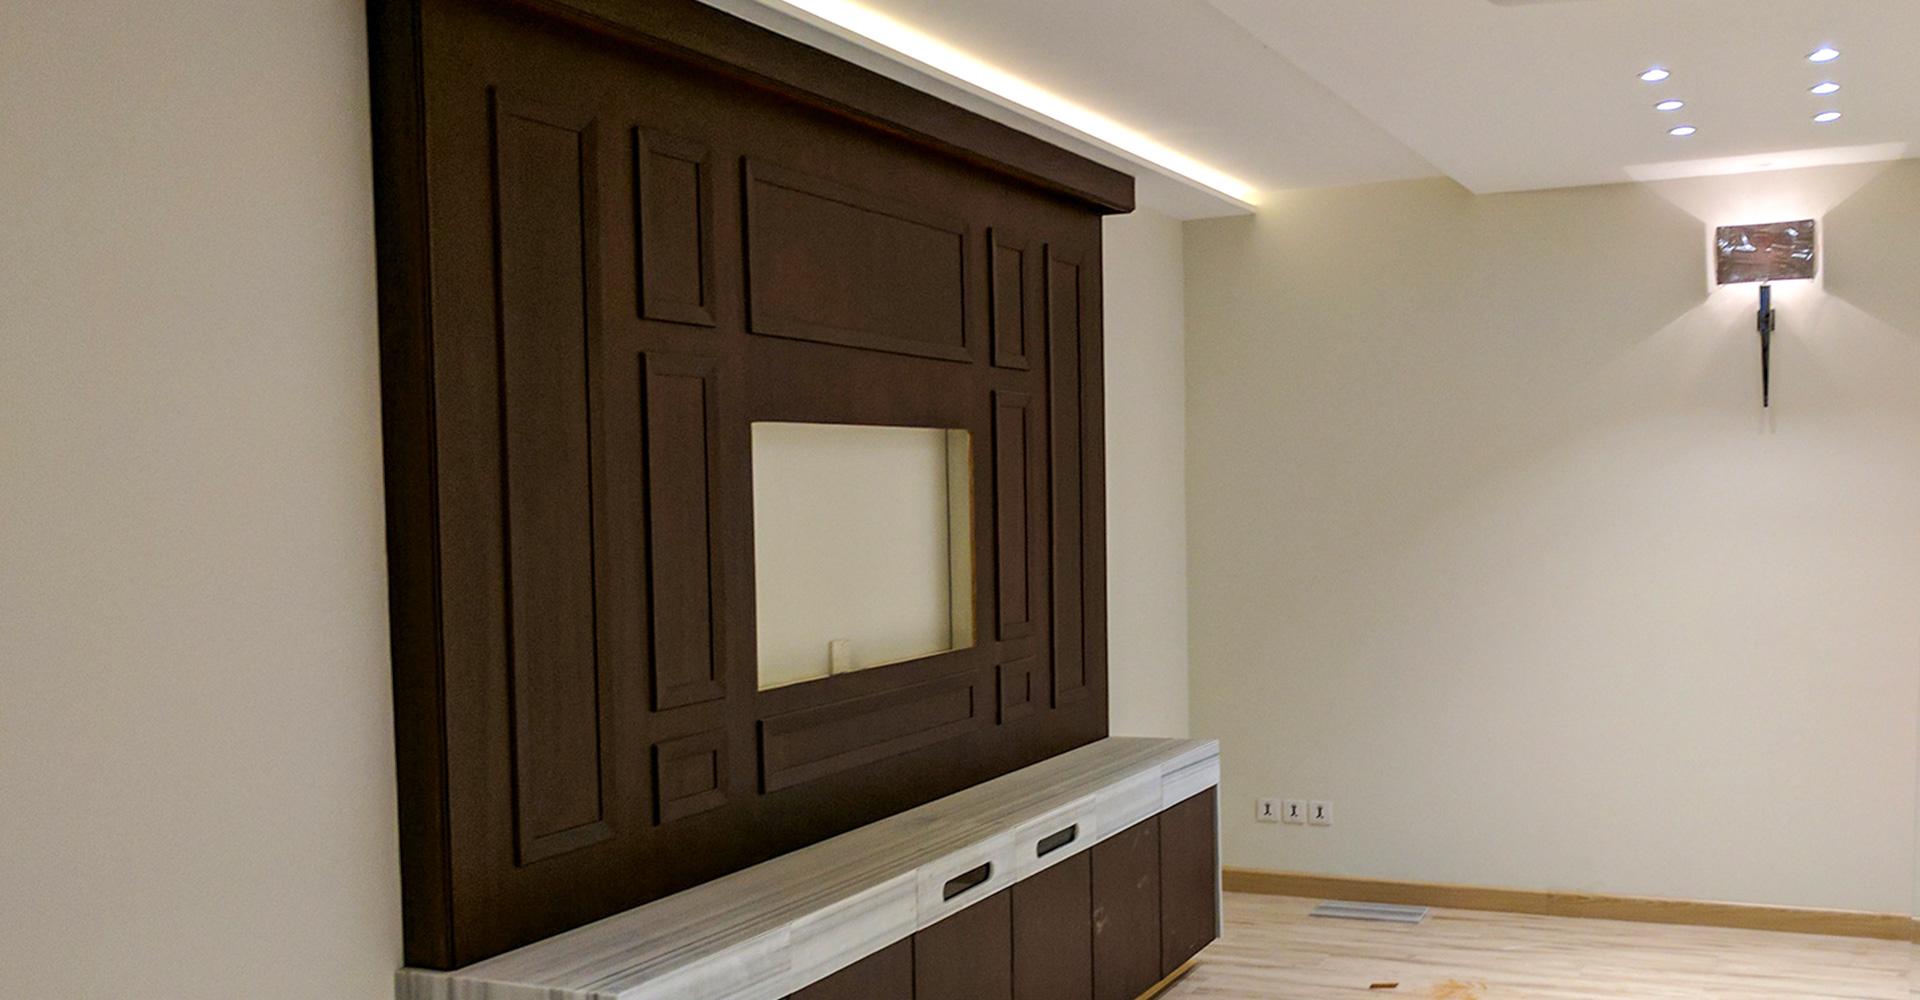 Residential-Interior-Design-Hiline-Lahore-portfolio-65J-DHA-EME-05 (23)